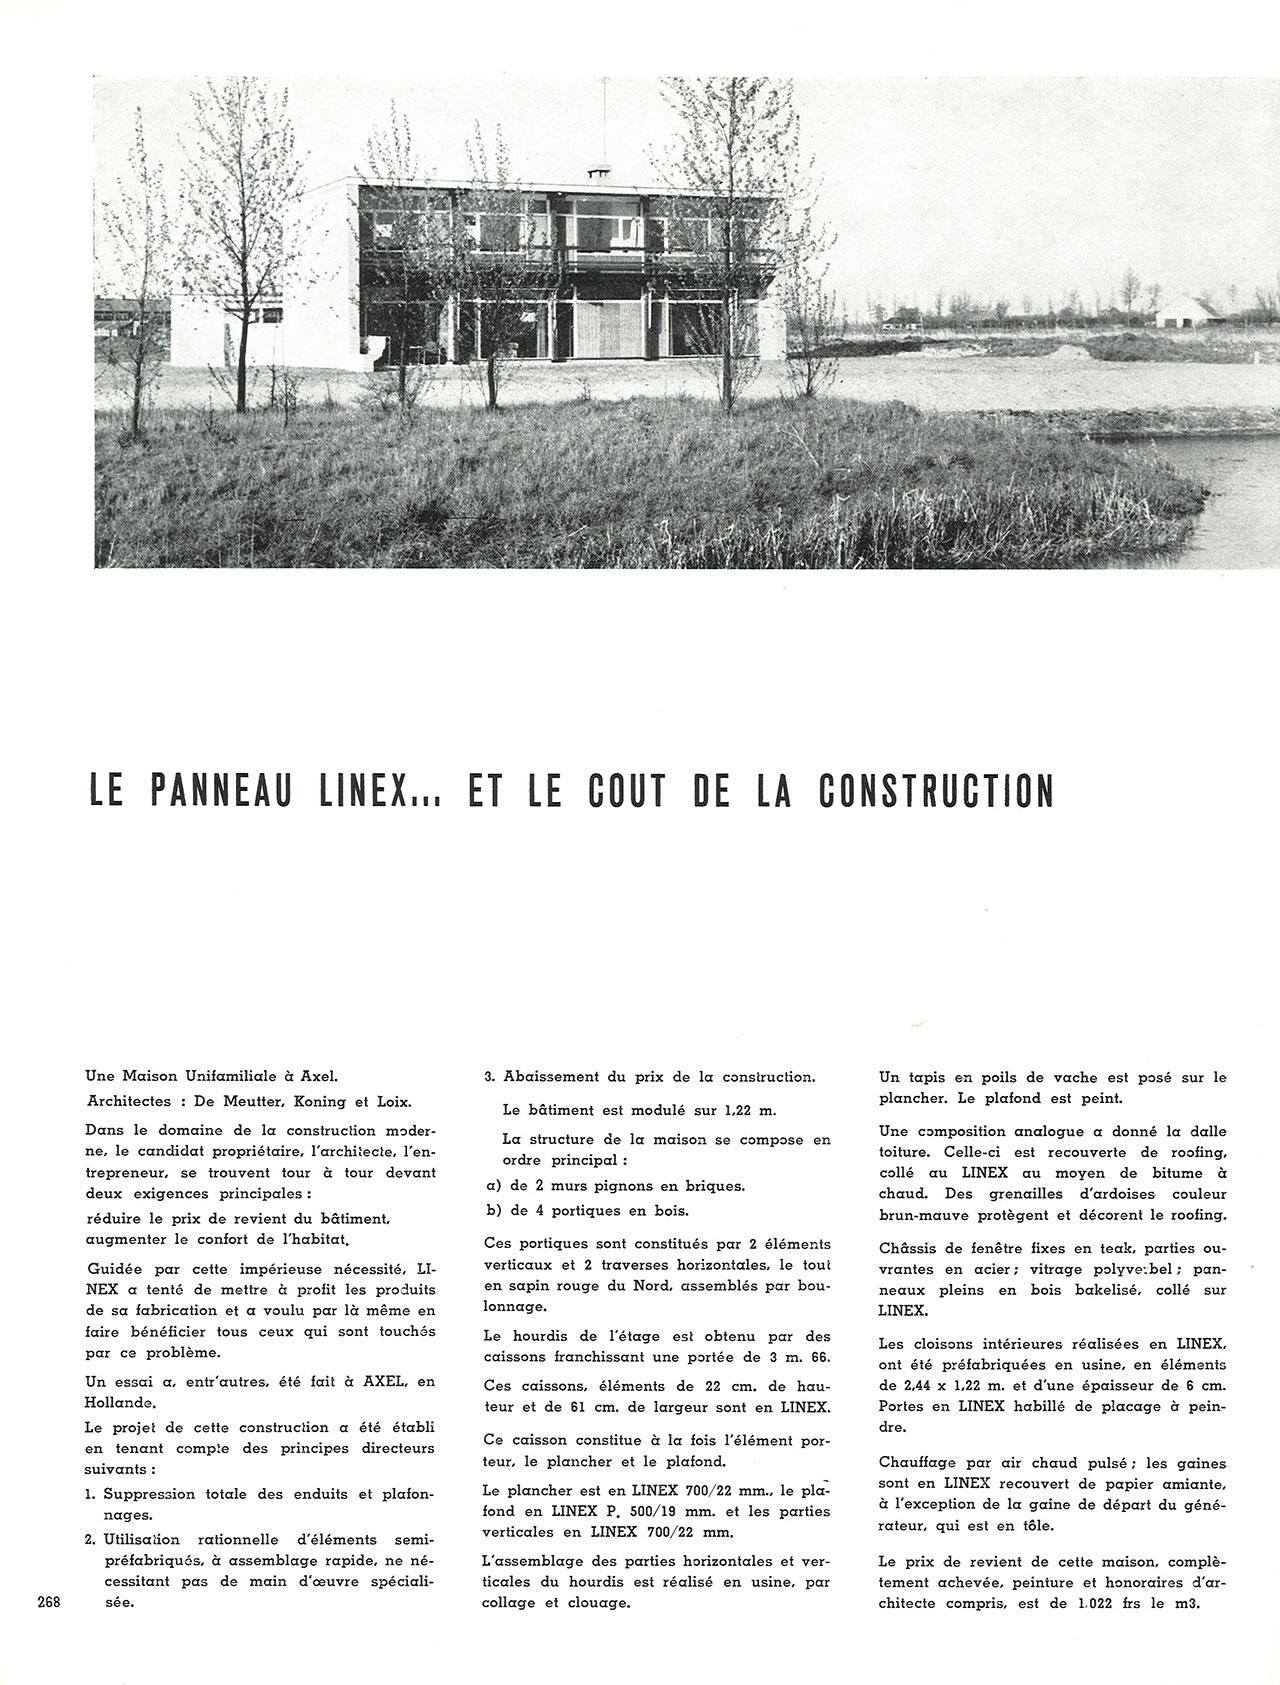 Le panneau Linex… et le coût de la construction